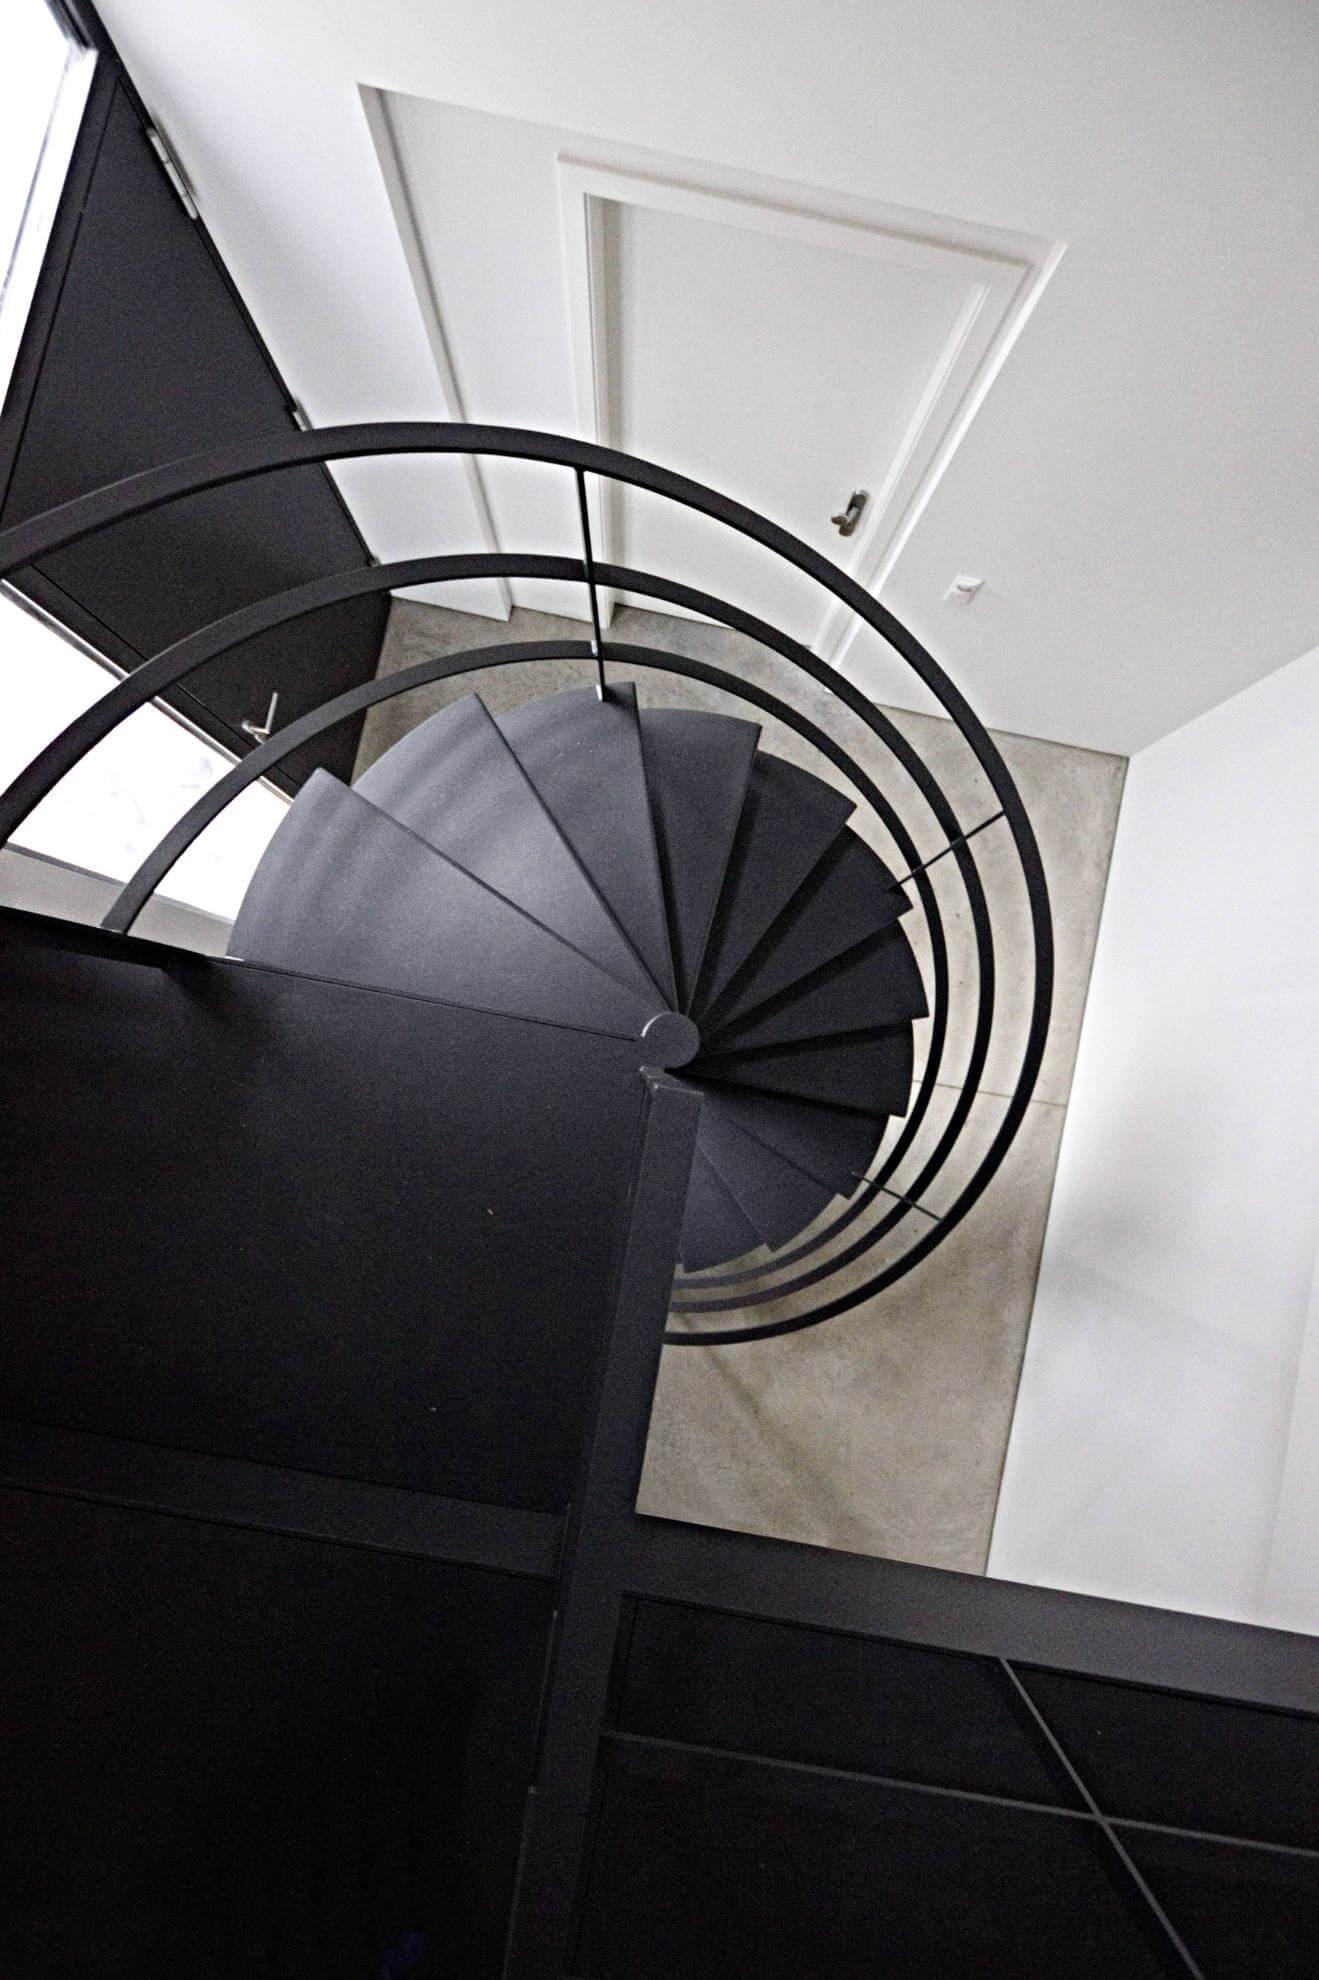 her-i-16-marcbetz architekten